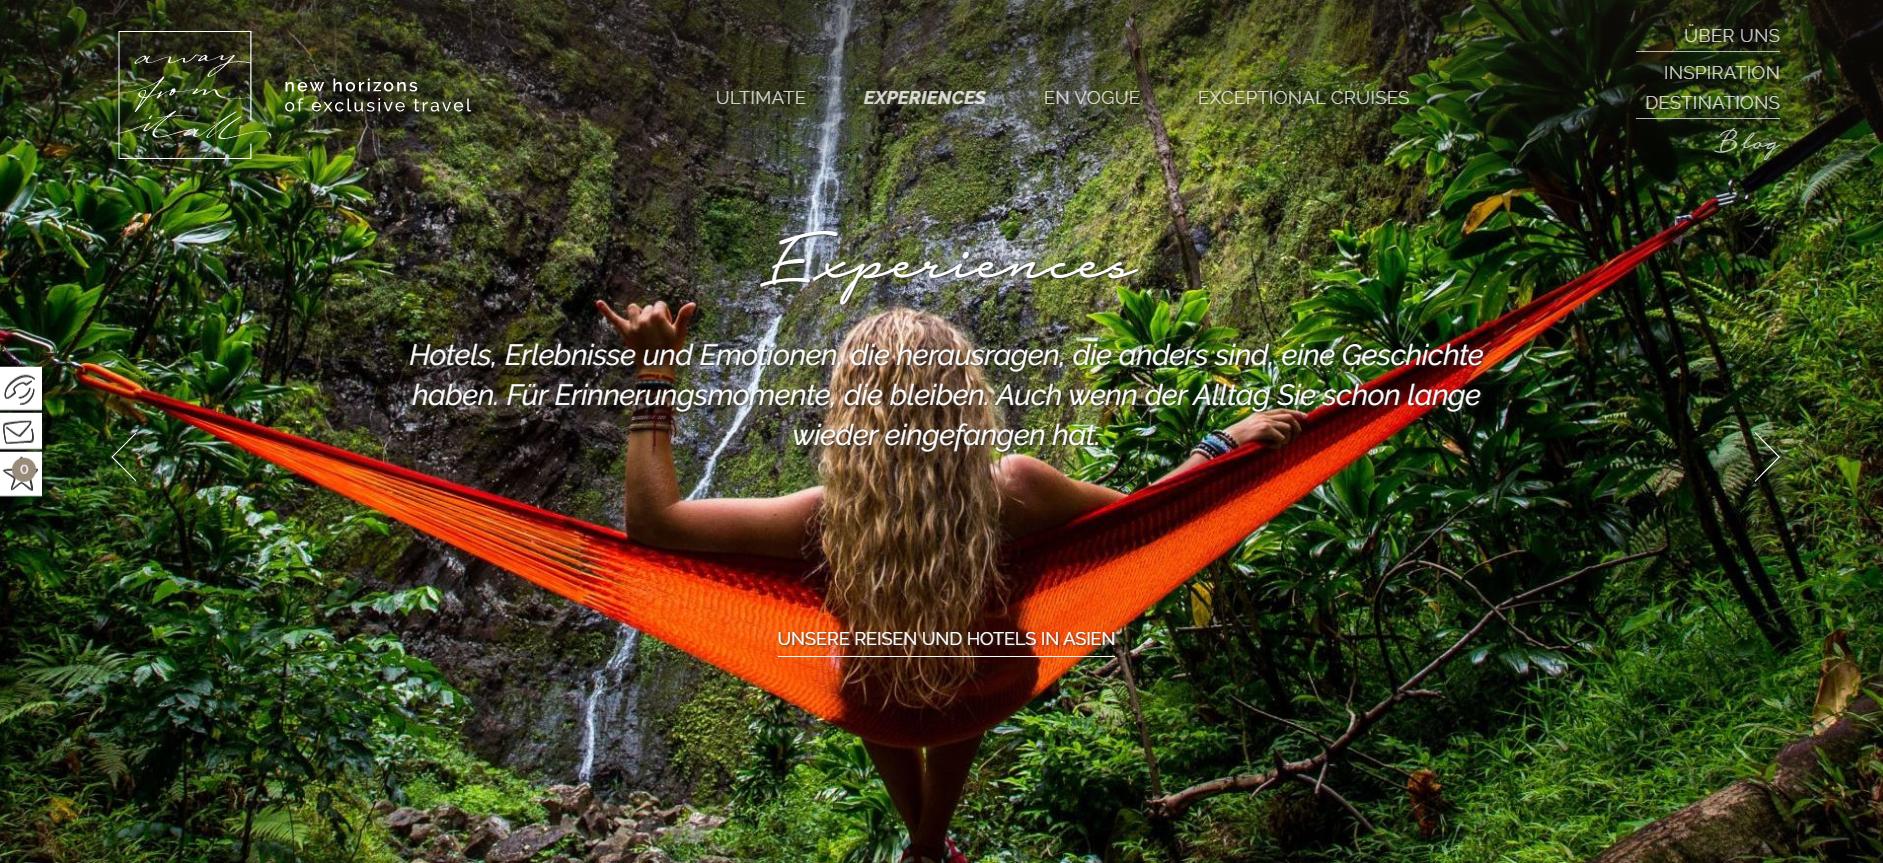 KEYLENS entwickelt kundenzentriertes D2C-Geschäftsmodell für Luxuserlebnisreisen!